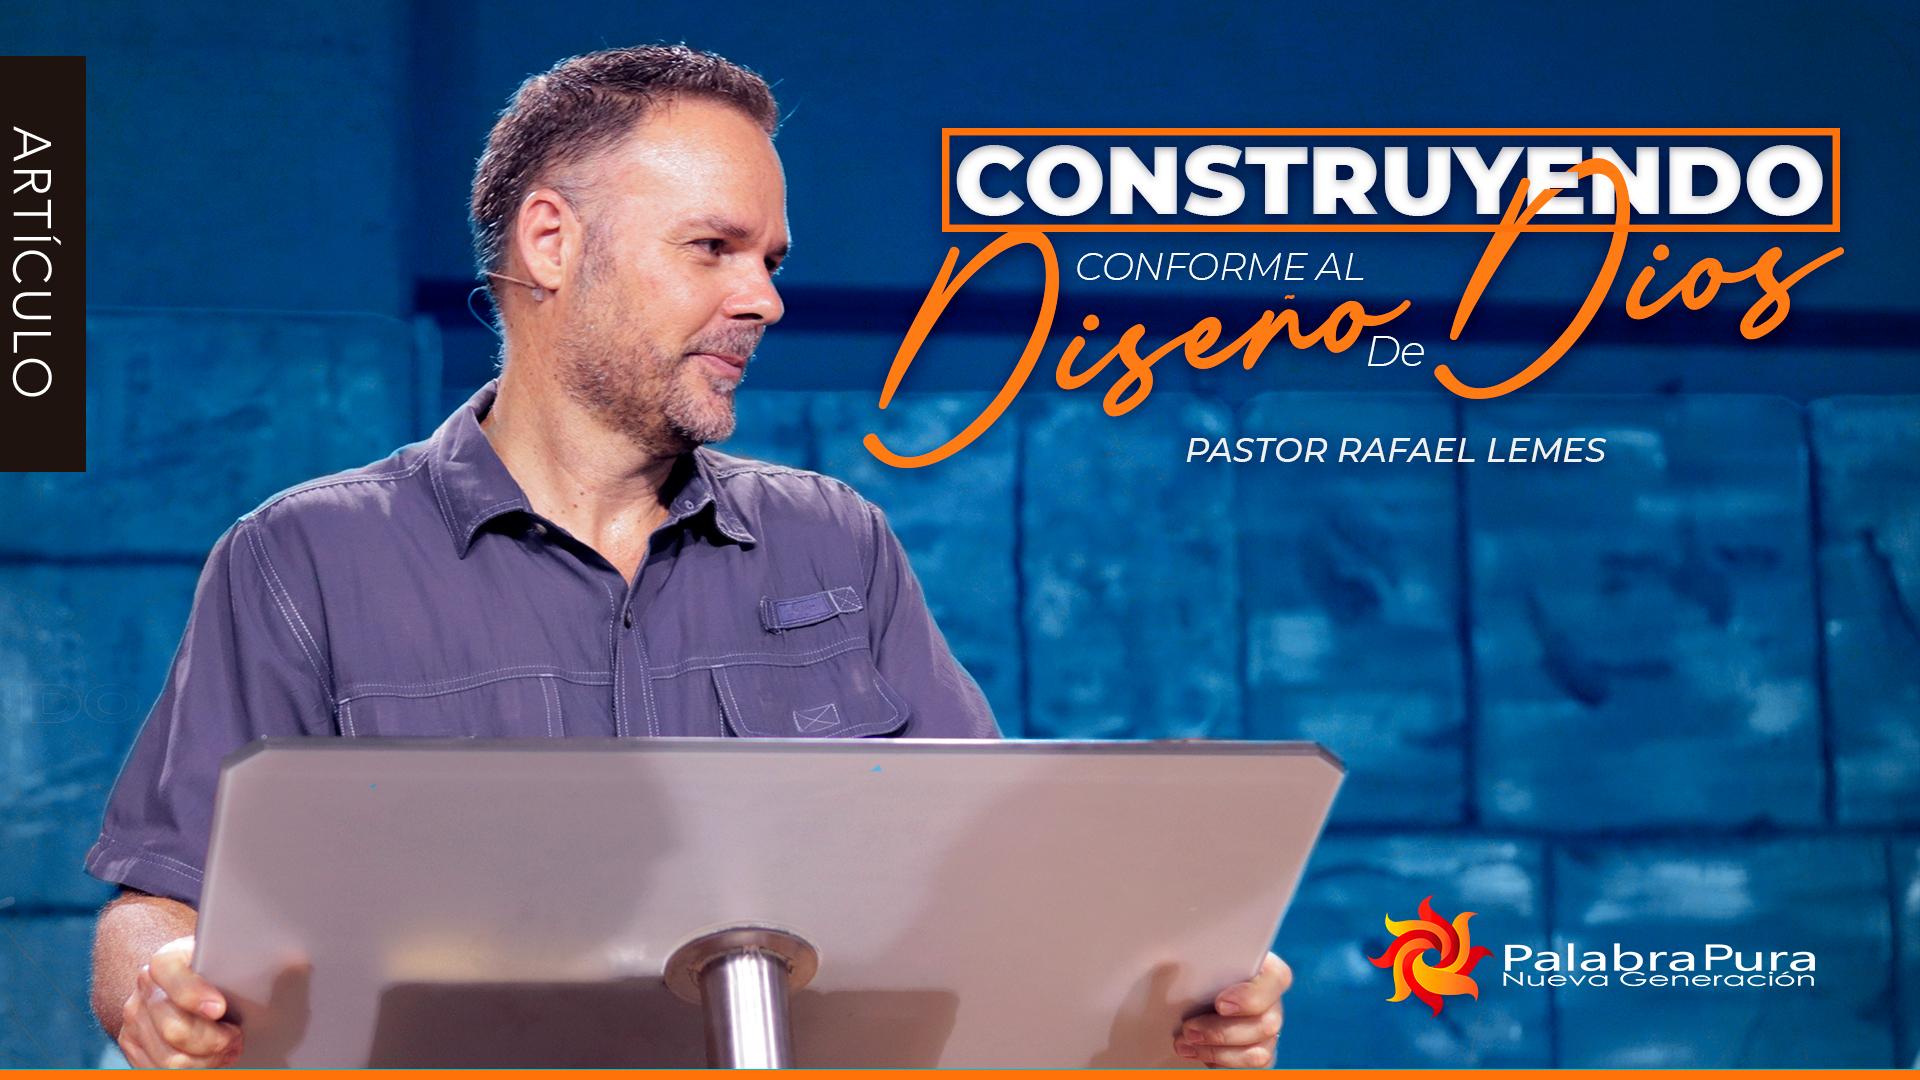 CONSTRUYENDO CONFORME AL DISEÑO DE DIOS